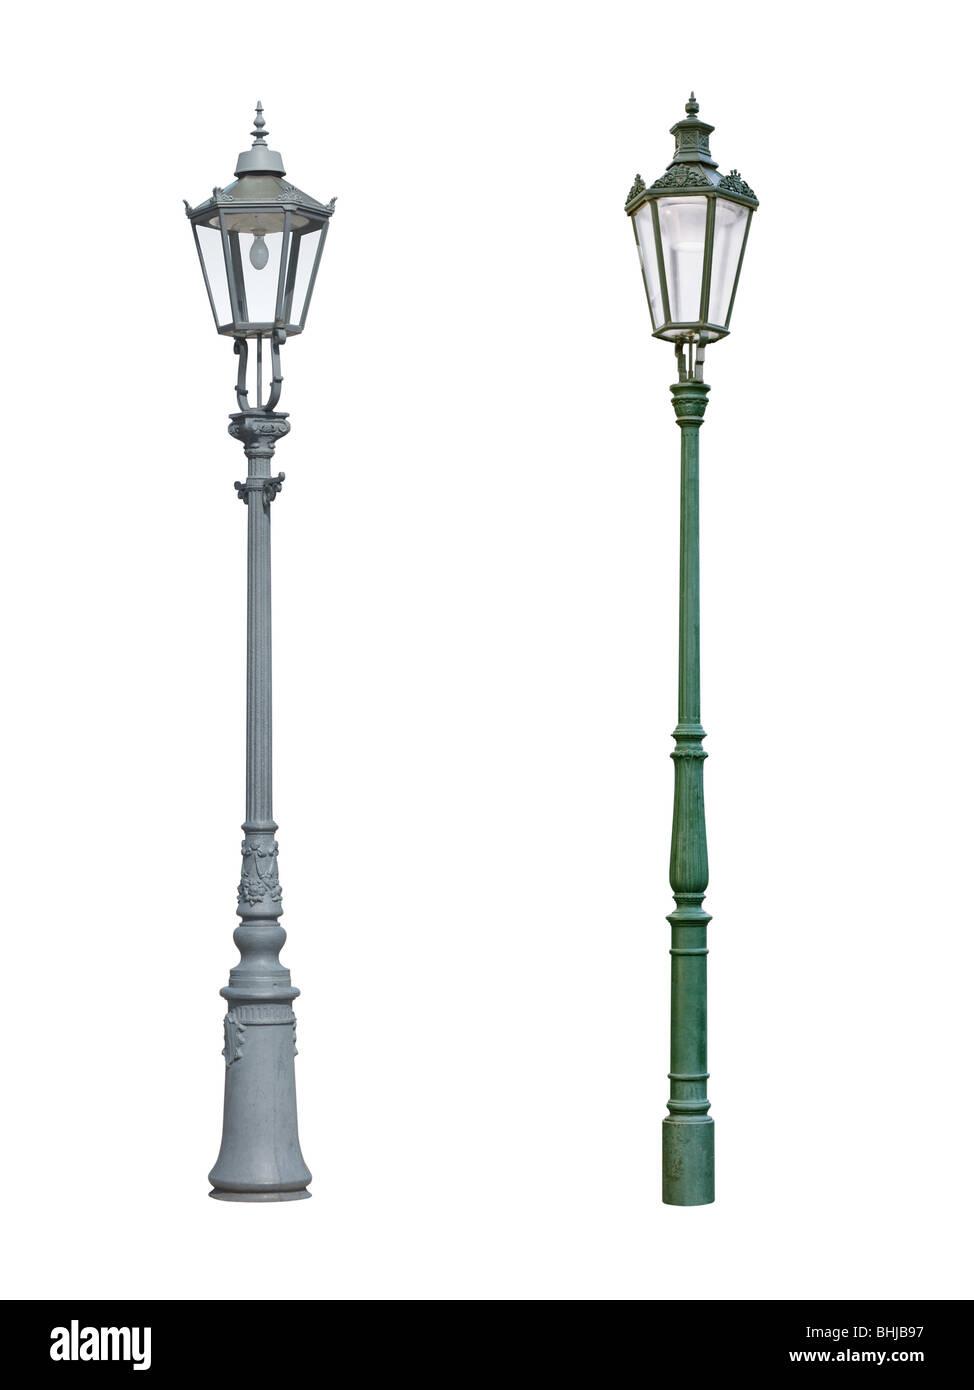 Street light lampadaire isolé sur fond blanc Banque D'Images